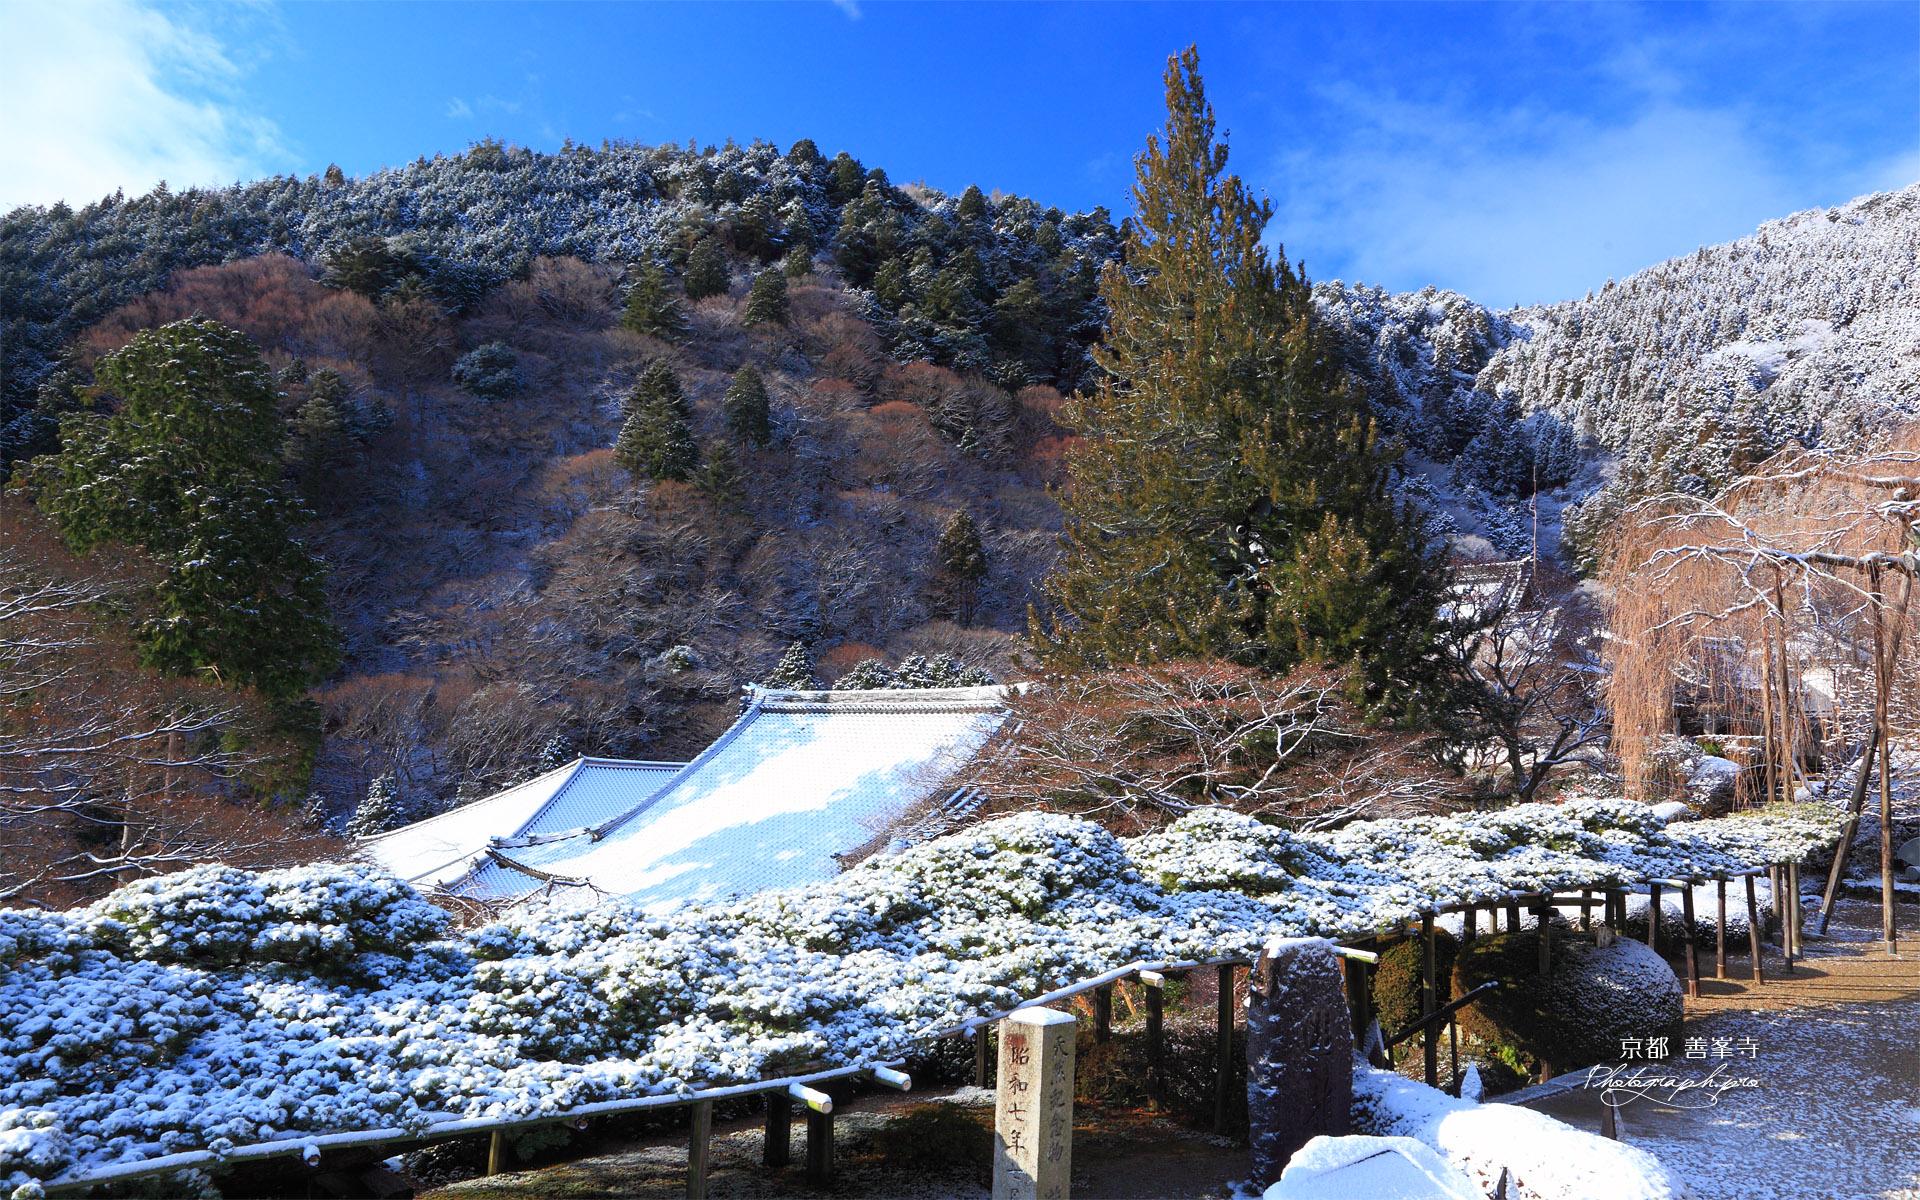 善峯寺 雪化粧の遊龍の松